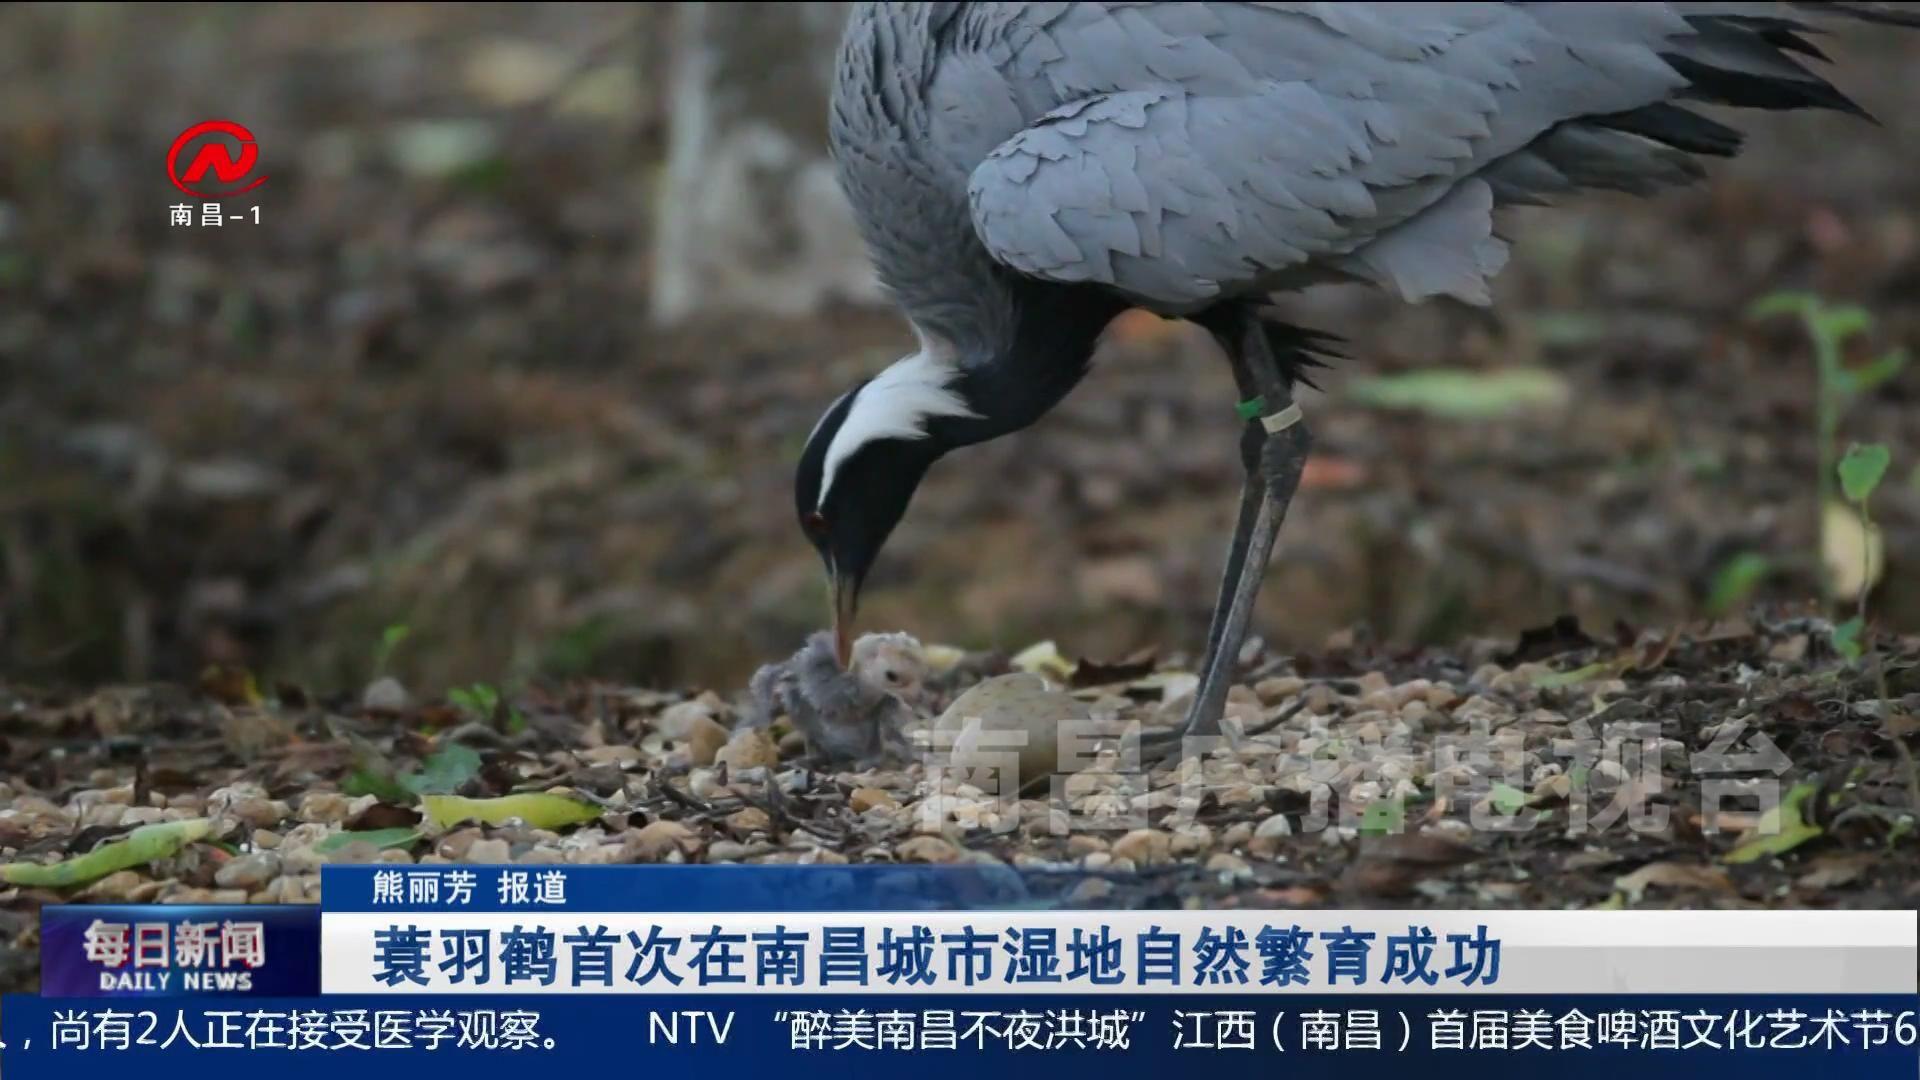 蓑羽鹤首次在南昌城市湿地自然繁育成功